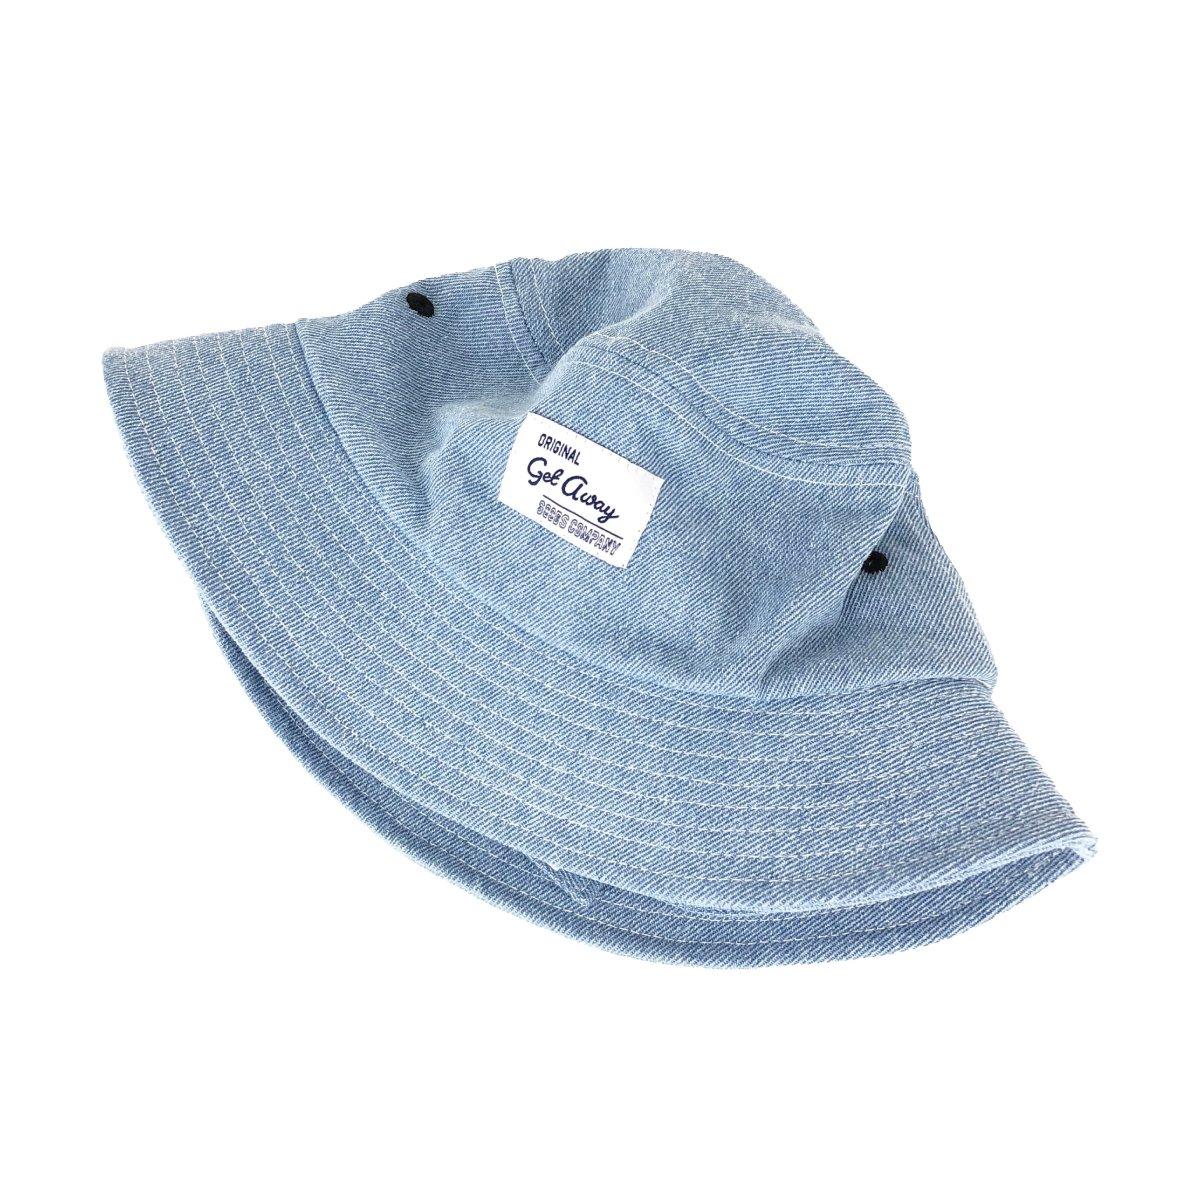 【BABY】Denim Wash Hat 詳細画像7